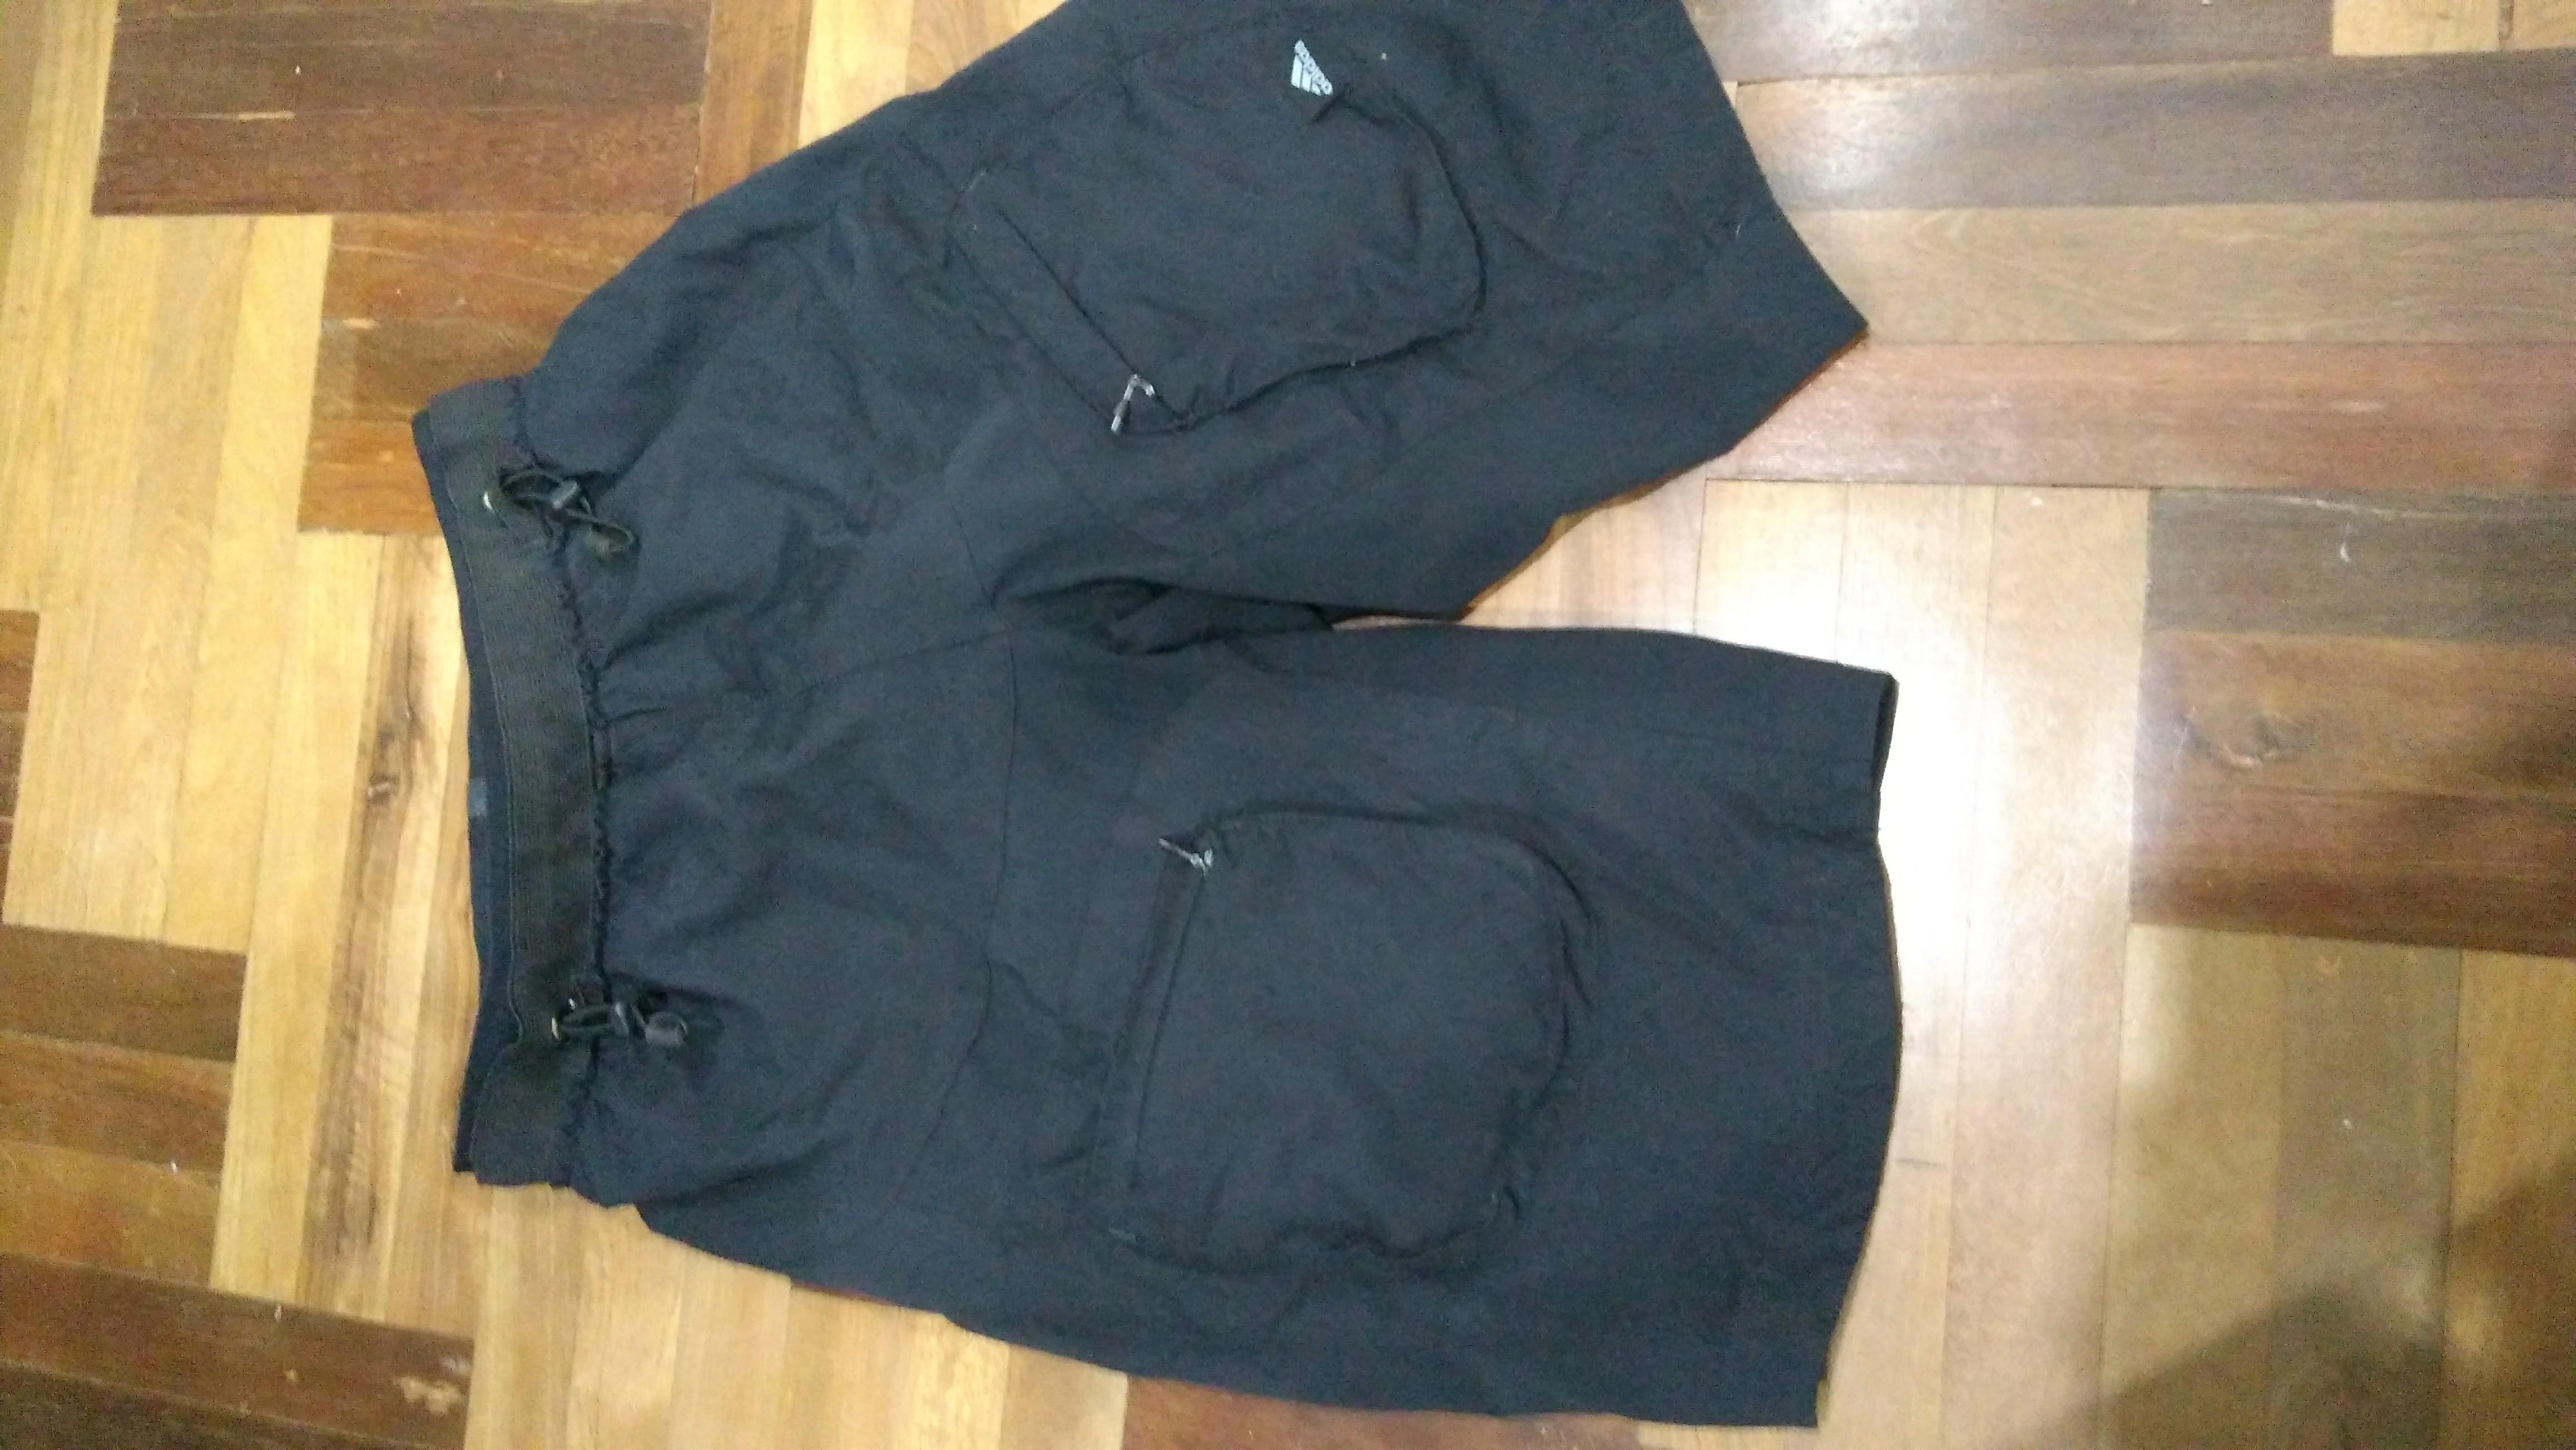 กางเกงปั่นจักรยาน มือสอง Adidas size xs แท้จากอังกฤษ เอว 28-29 ใส่ได้